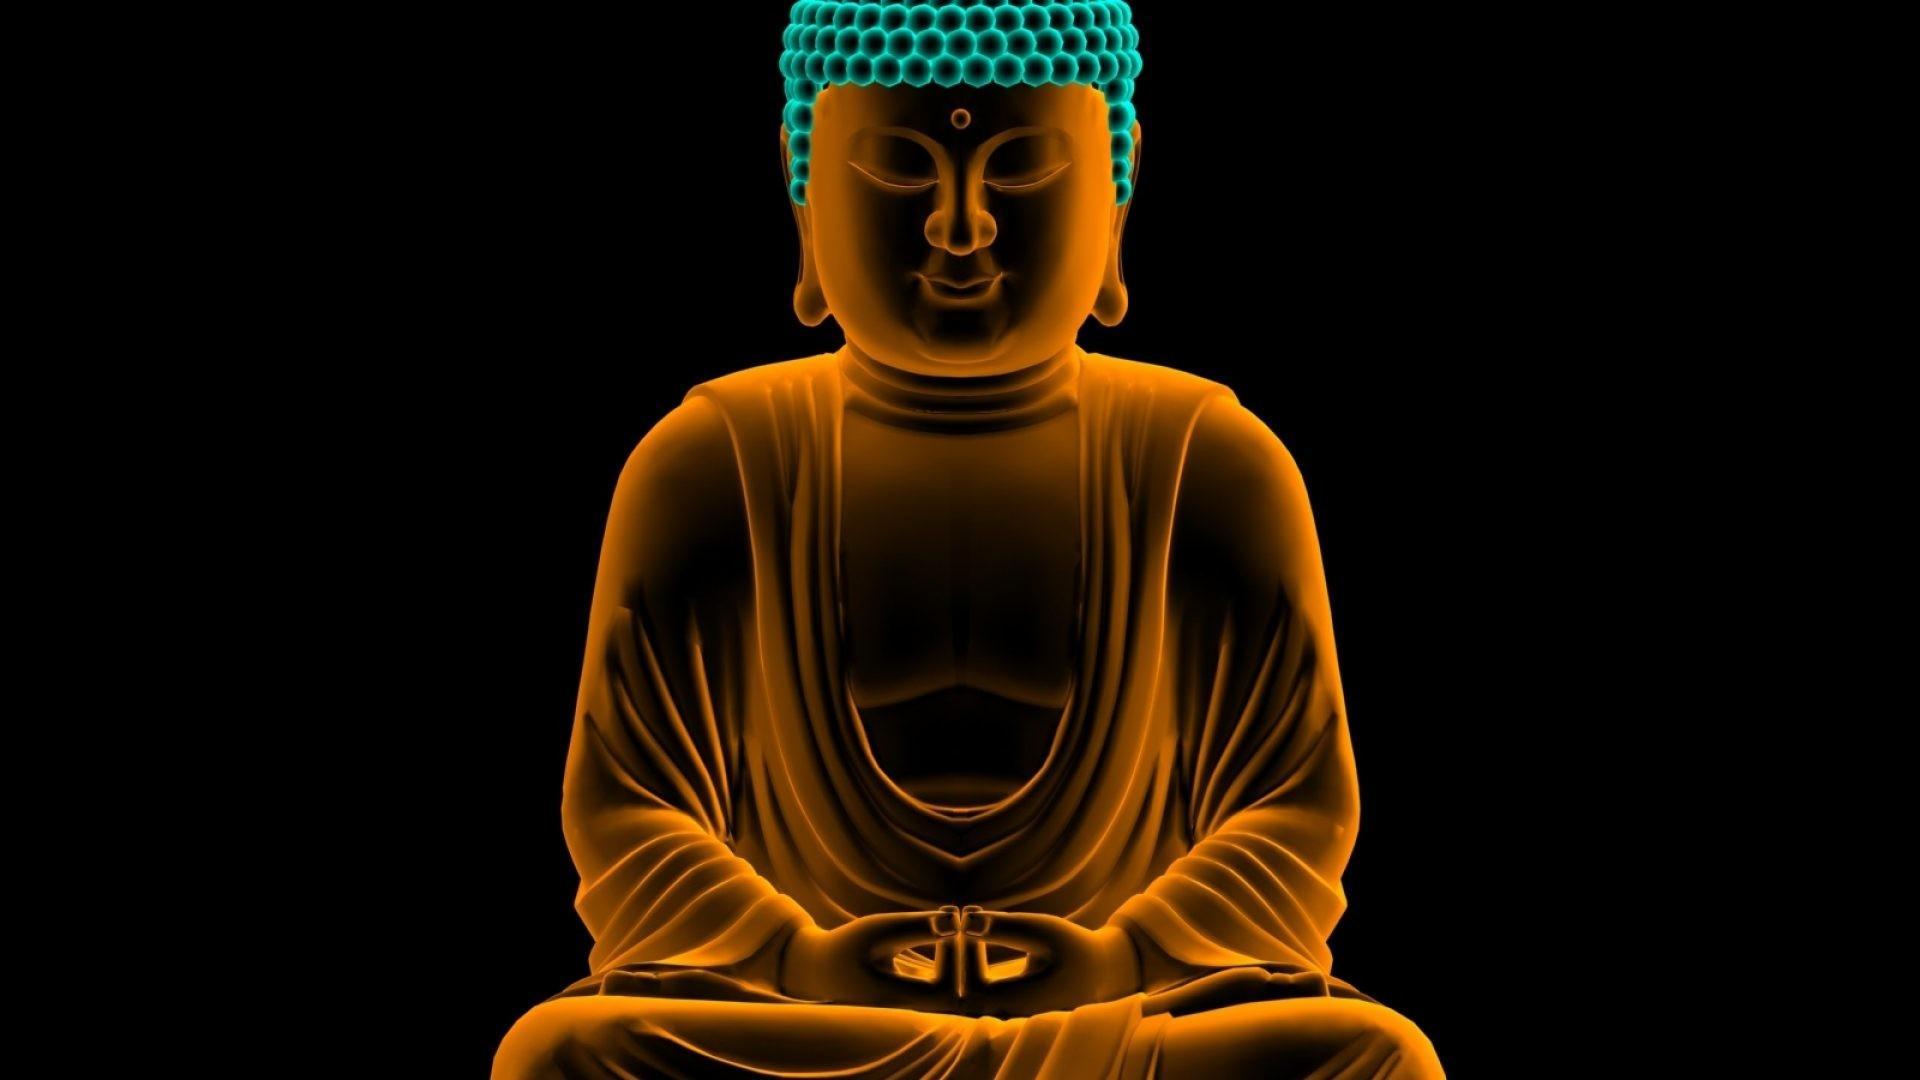 HD Gautam Buddha Desktop Wallpapers - Wallpaper Cave